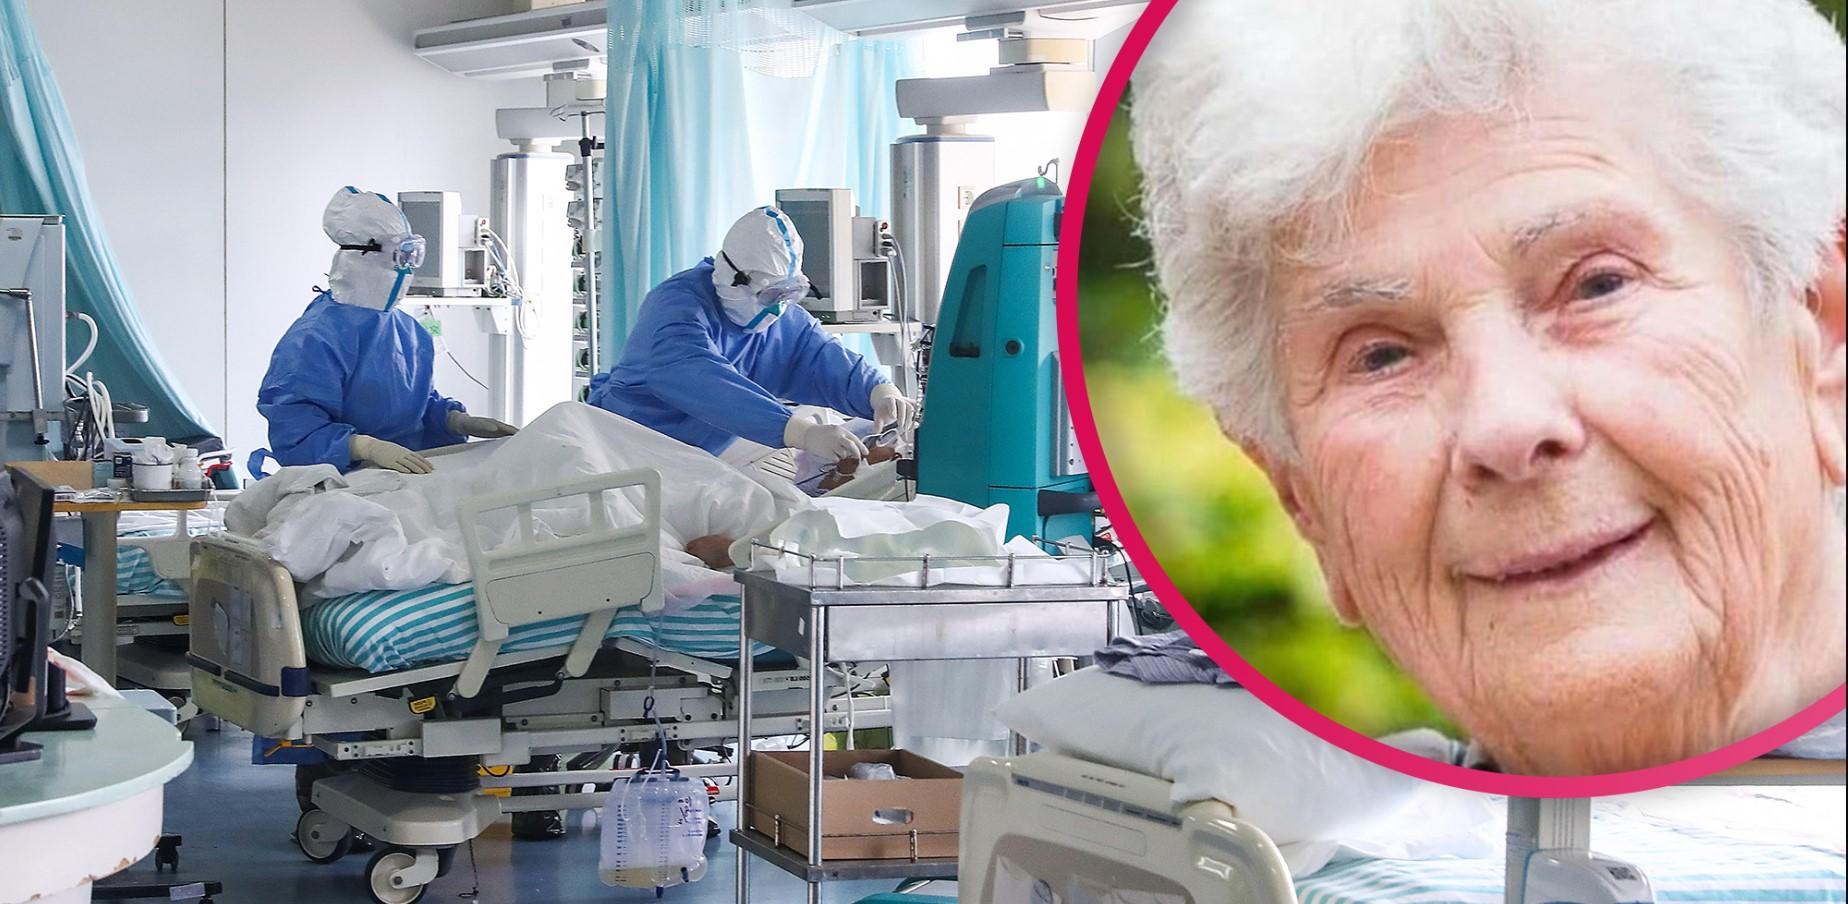 Datelo a qualcuno più giovane : Coronavirus, a 90 anni muore dopo aver rifiutato il ventilatore